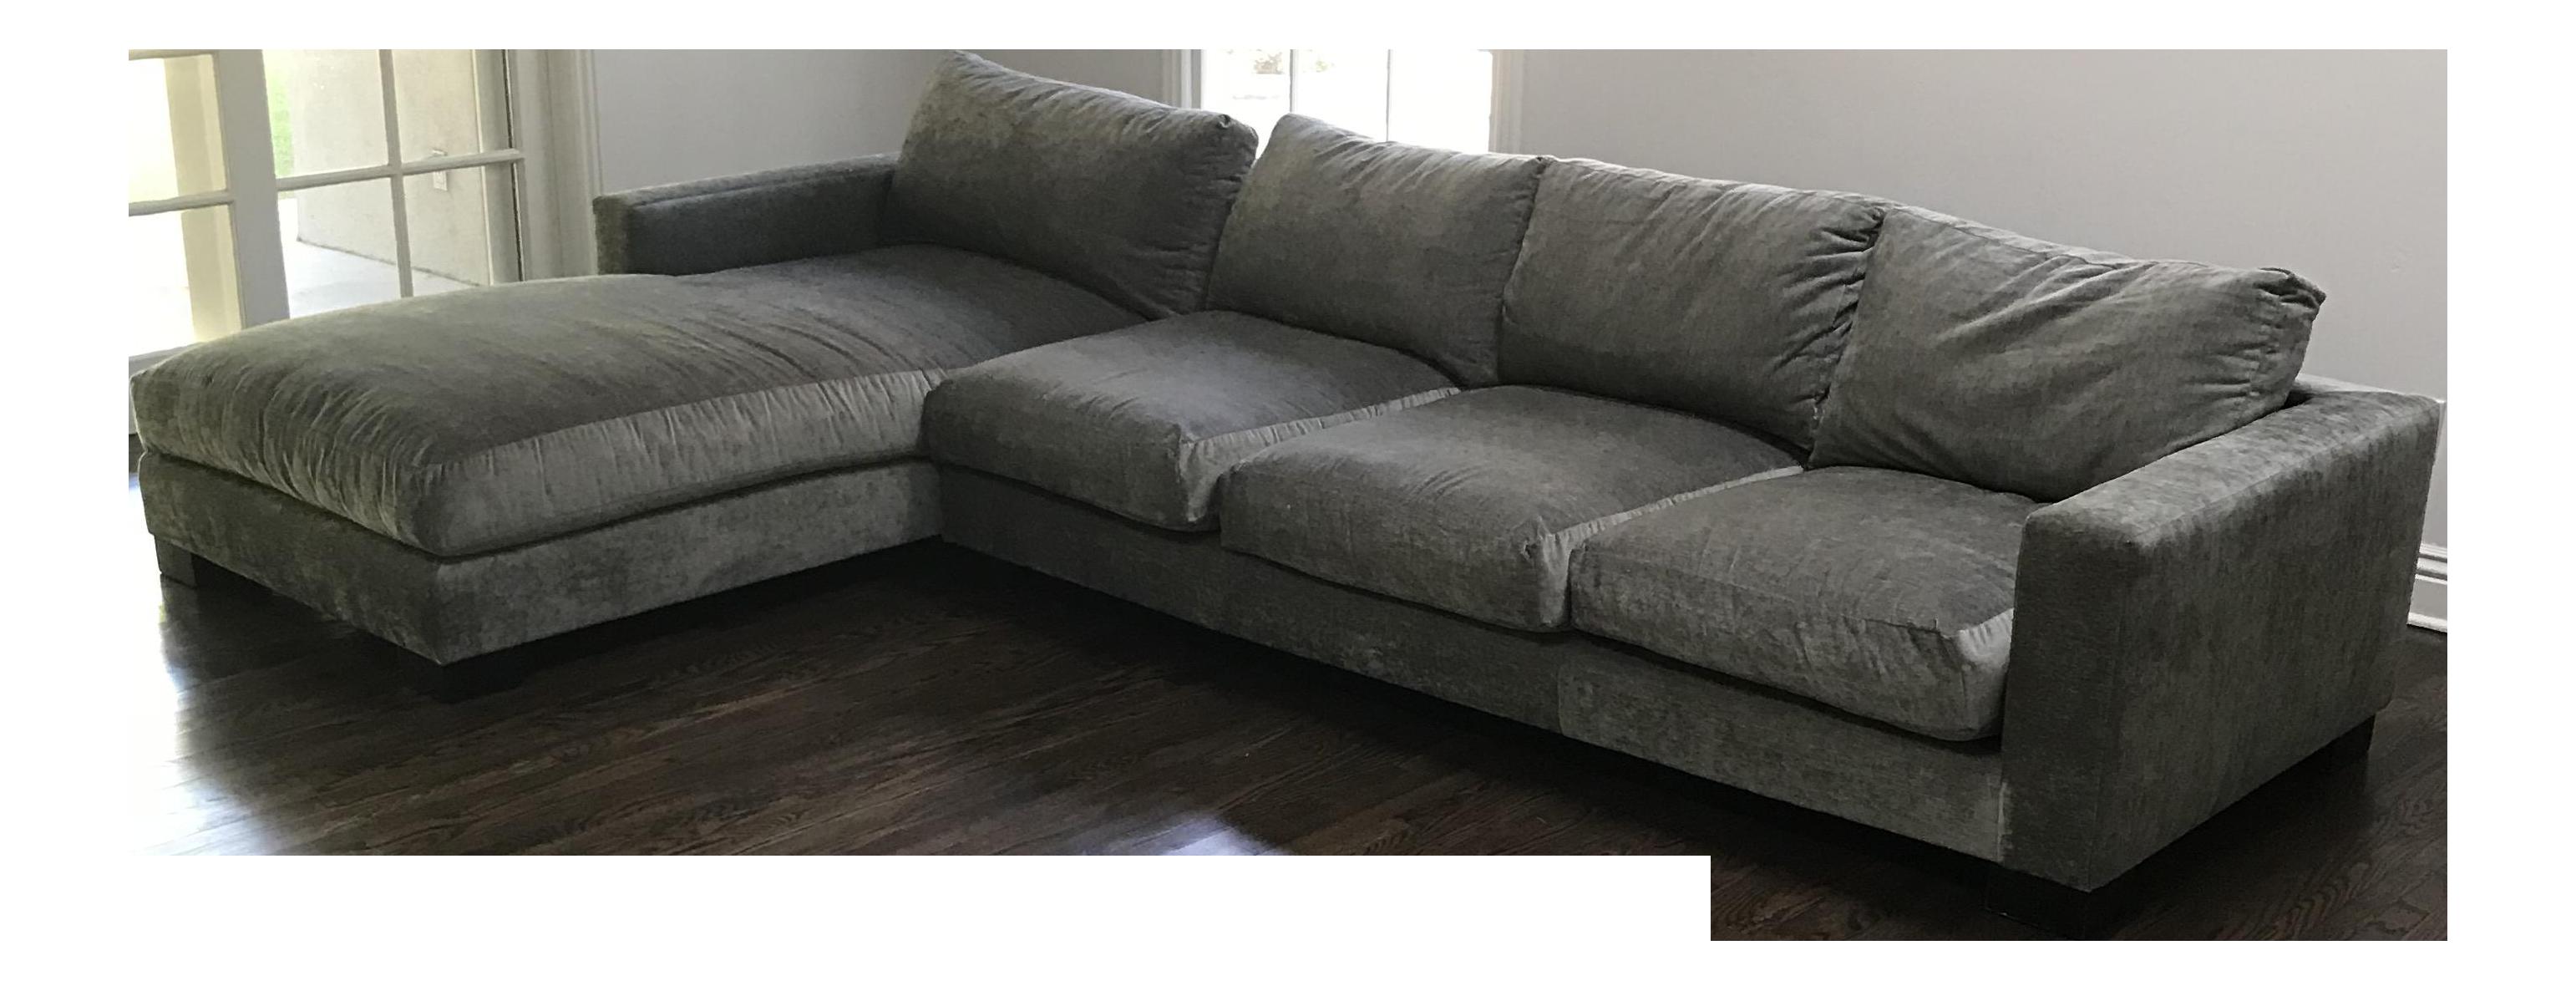 Custom Grey Velvet Sectional Sofa   Image 1 Of 6